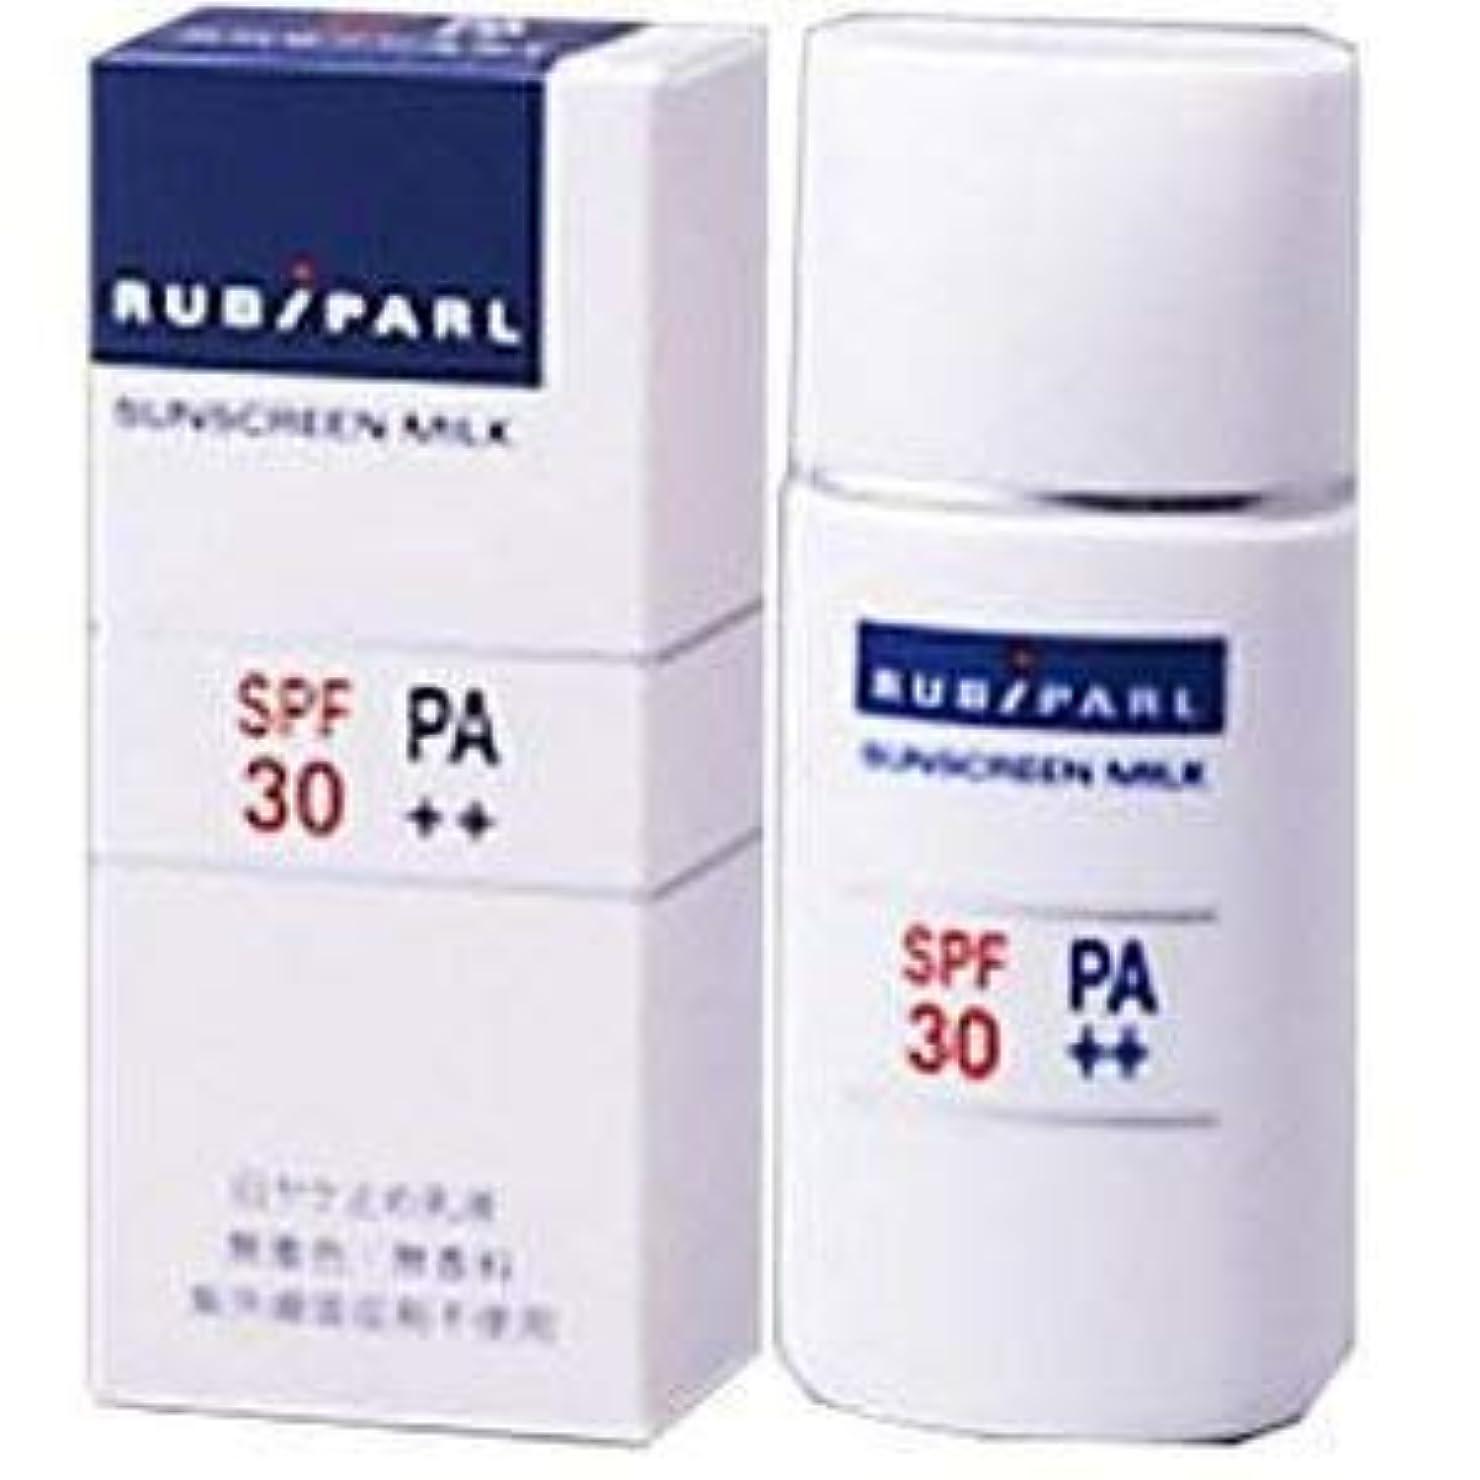 どこでもについてバケット【2個】ルビパール サンスクリーンミルク 日ヤケ止め乳液 SPF30 PA++ 30mL (4987047171756-2)